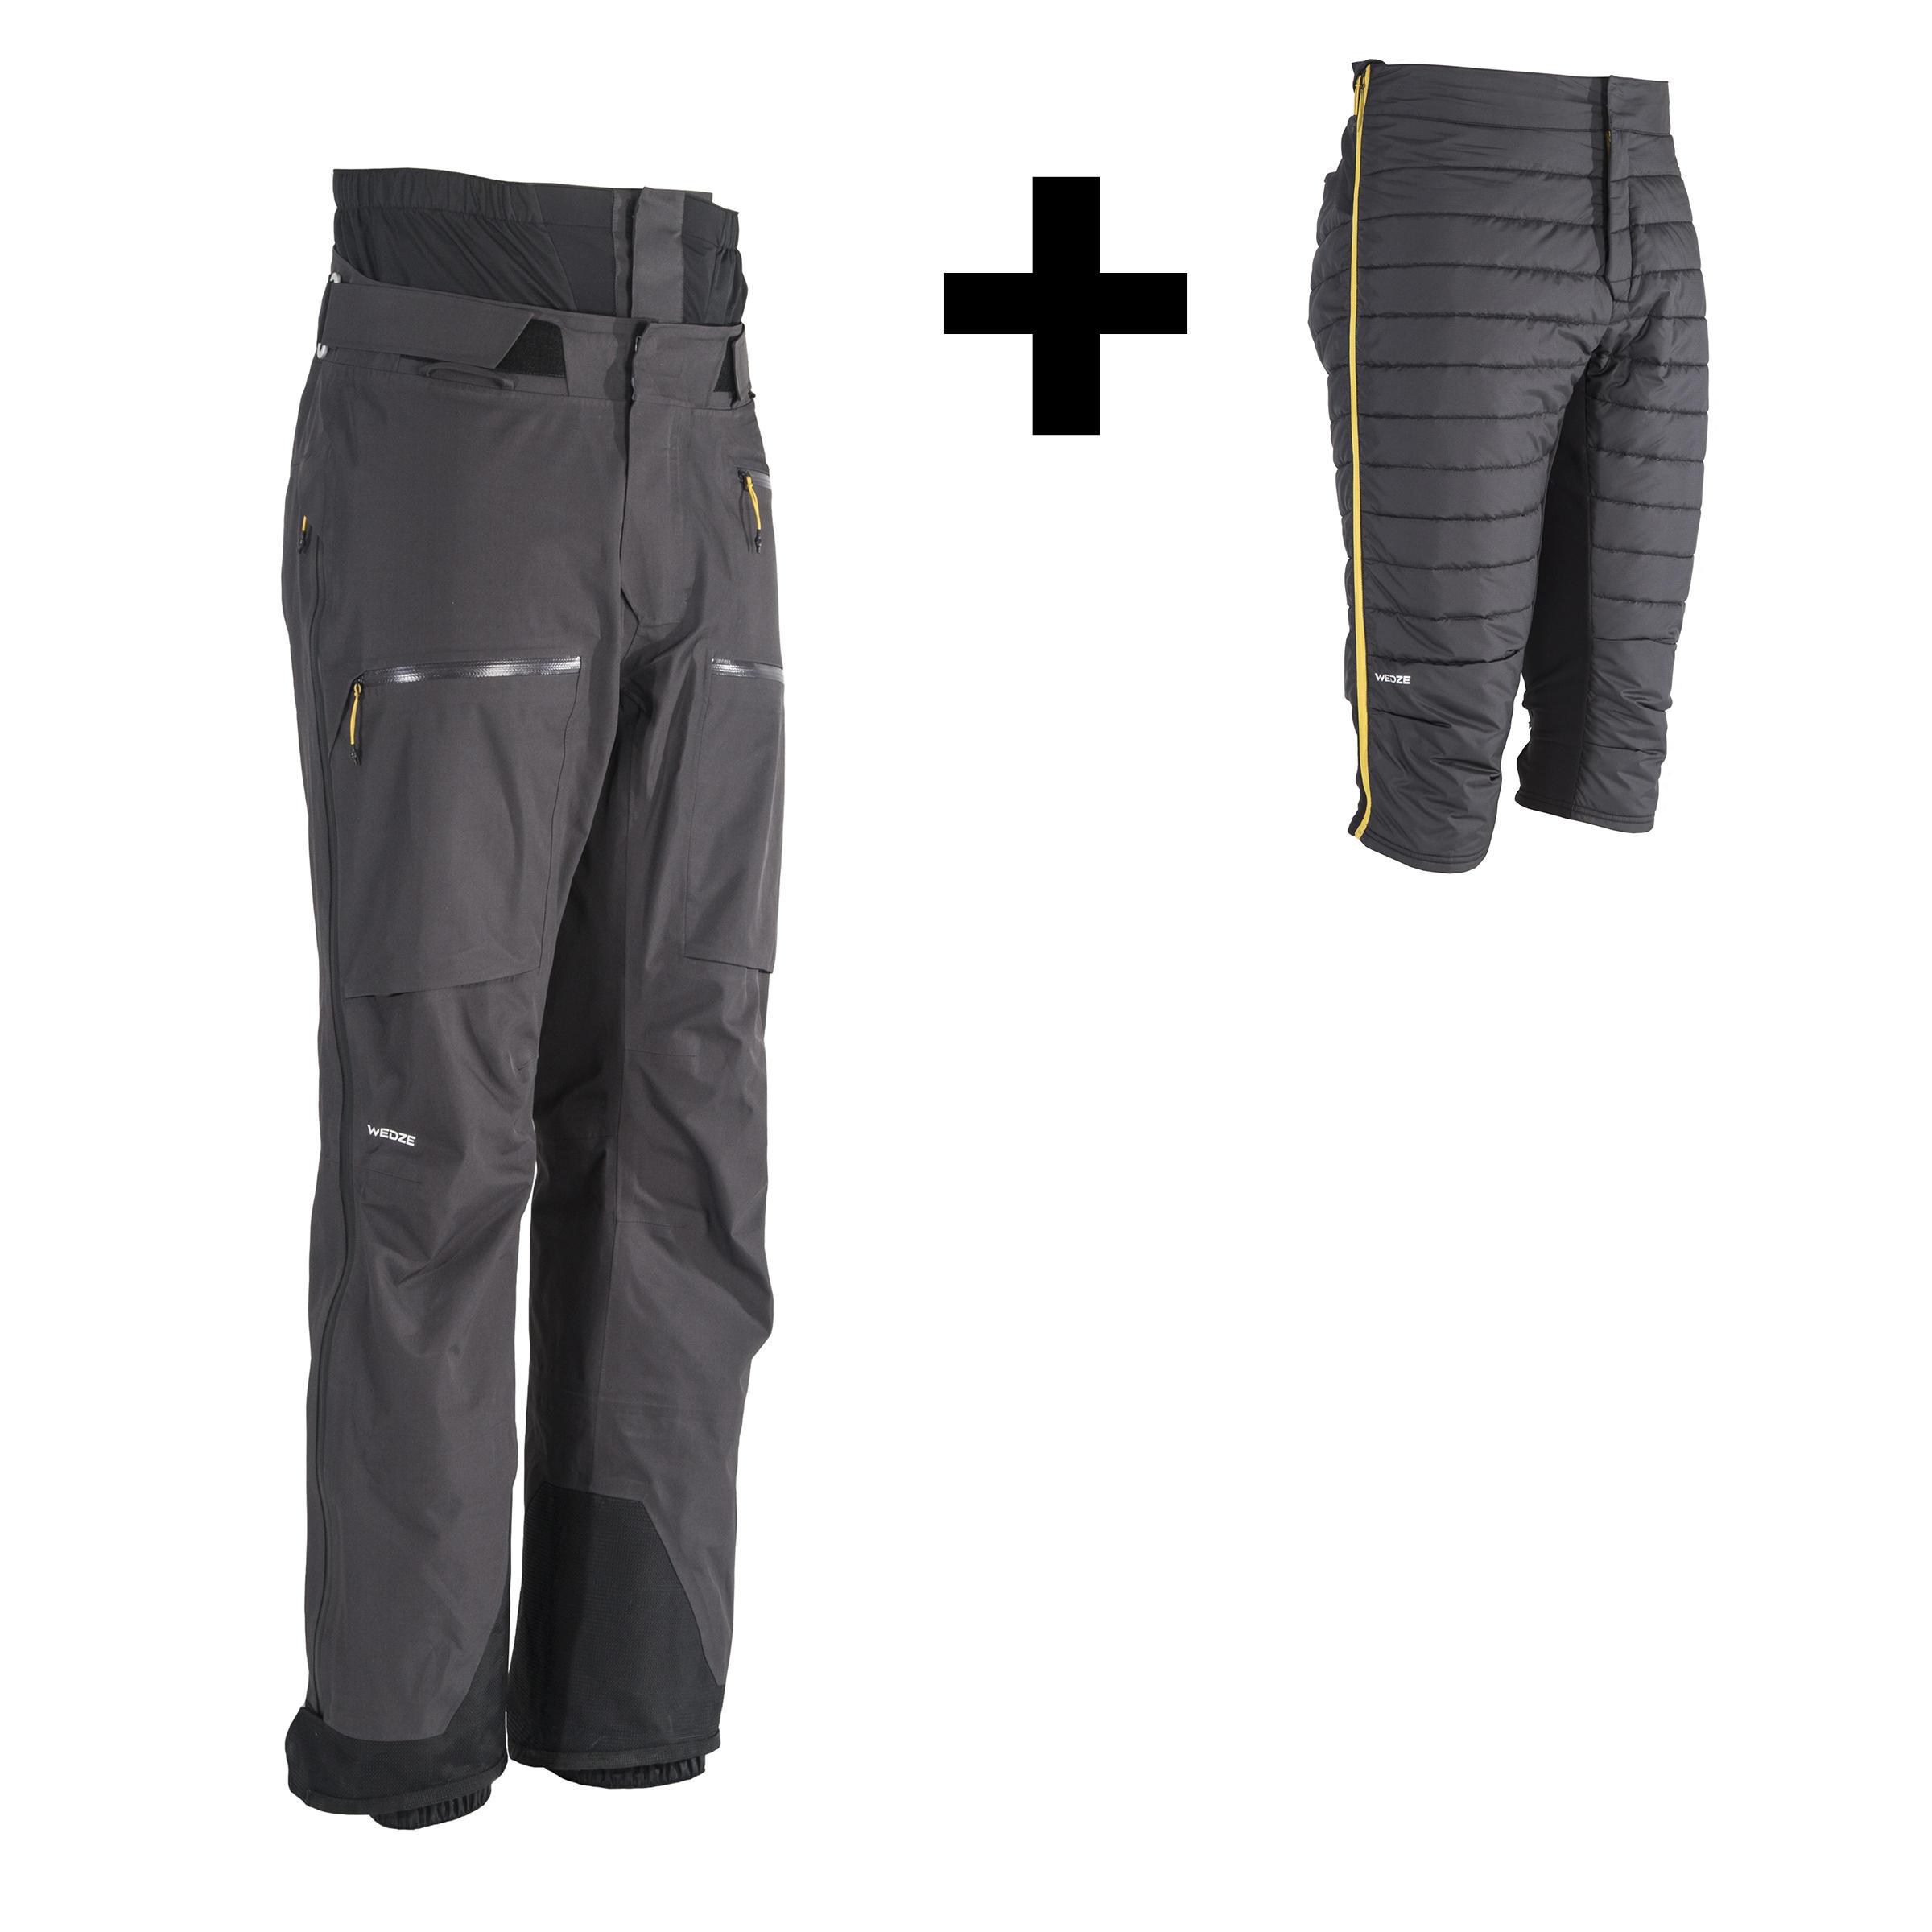 Pantalon de ski tout-terrain et randonnée homme PA 900 gris